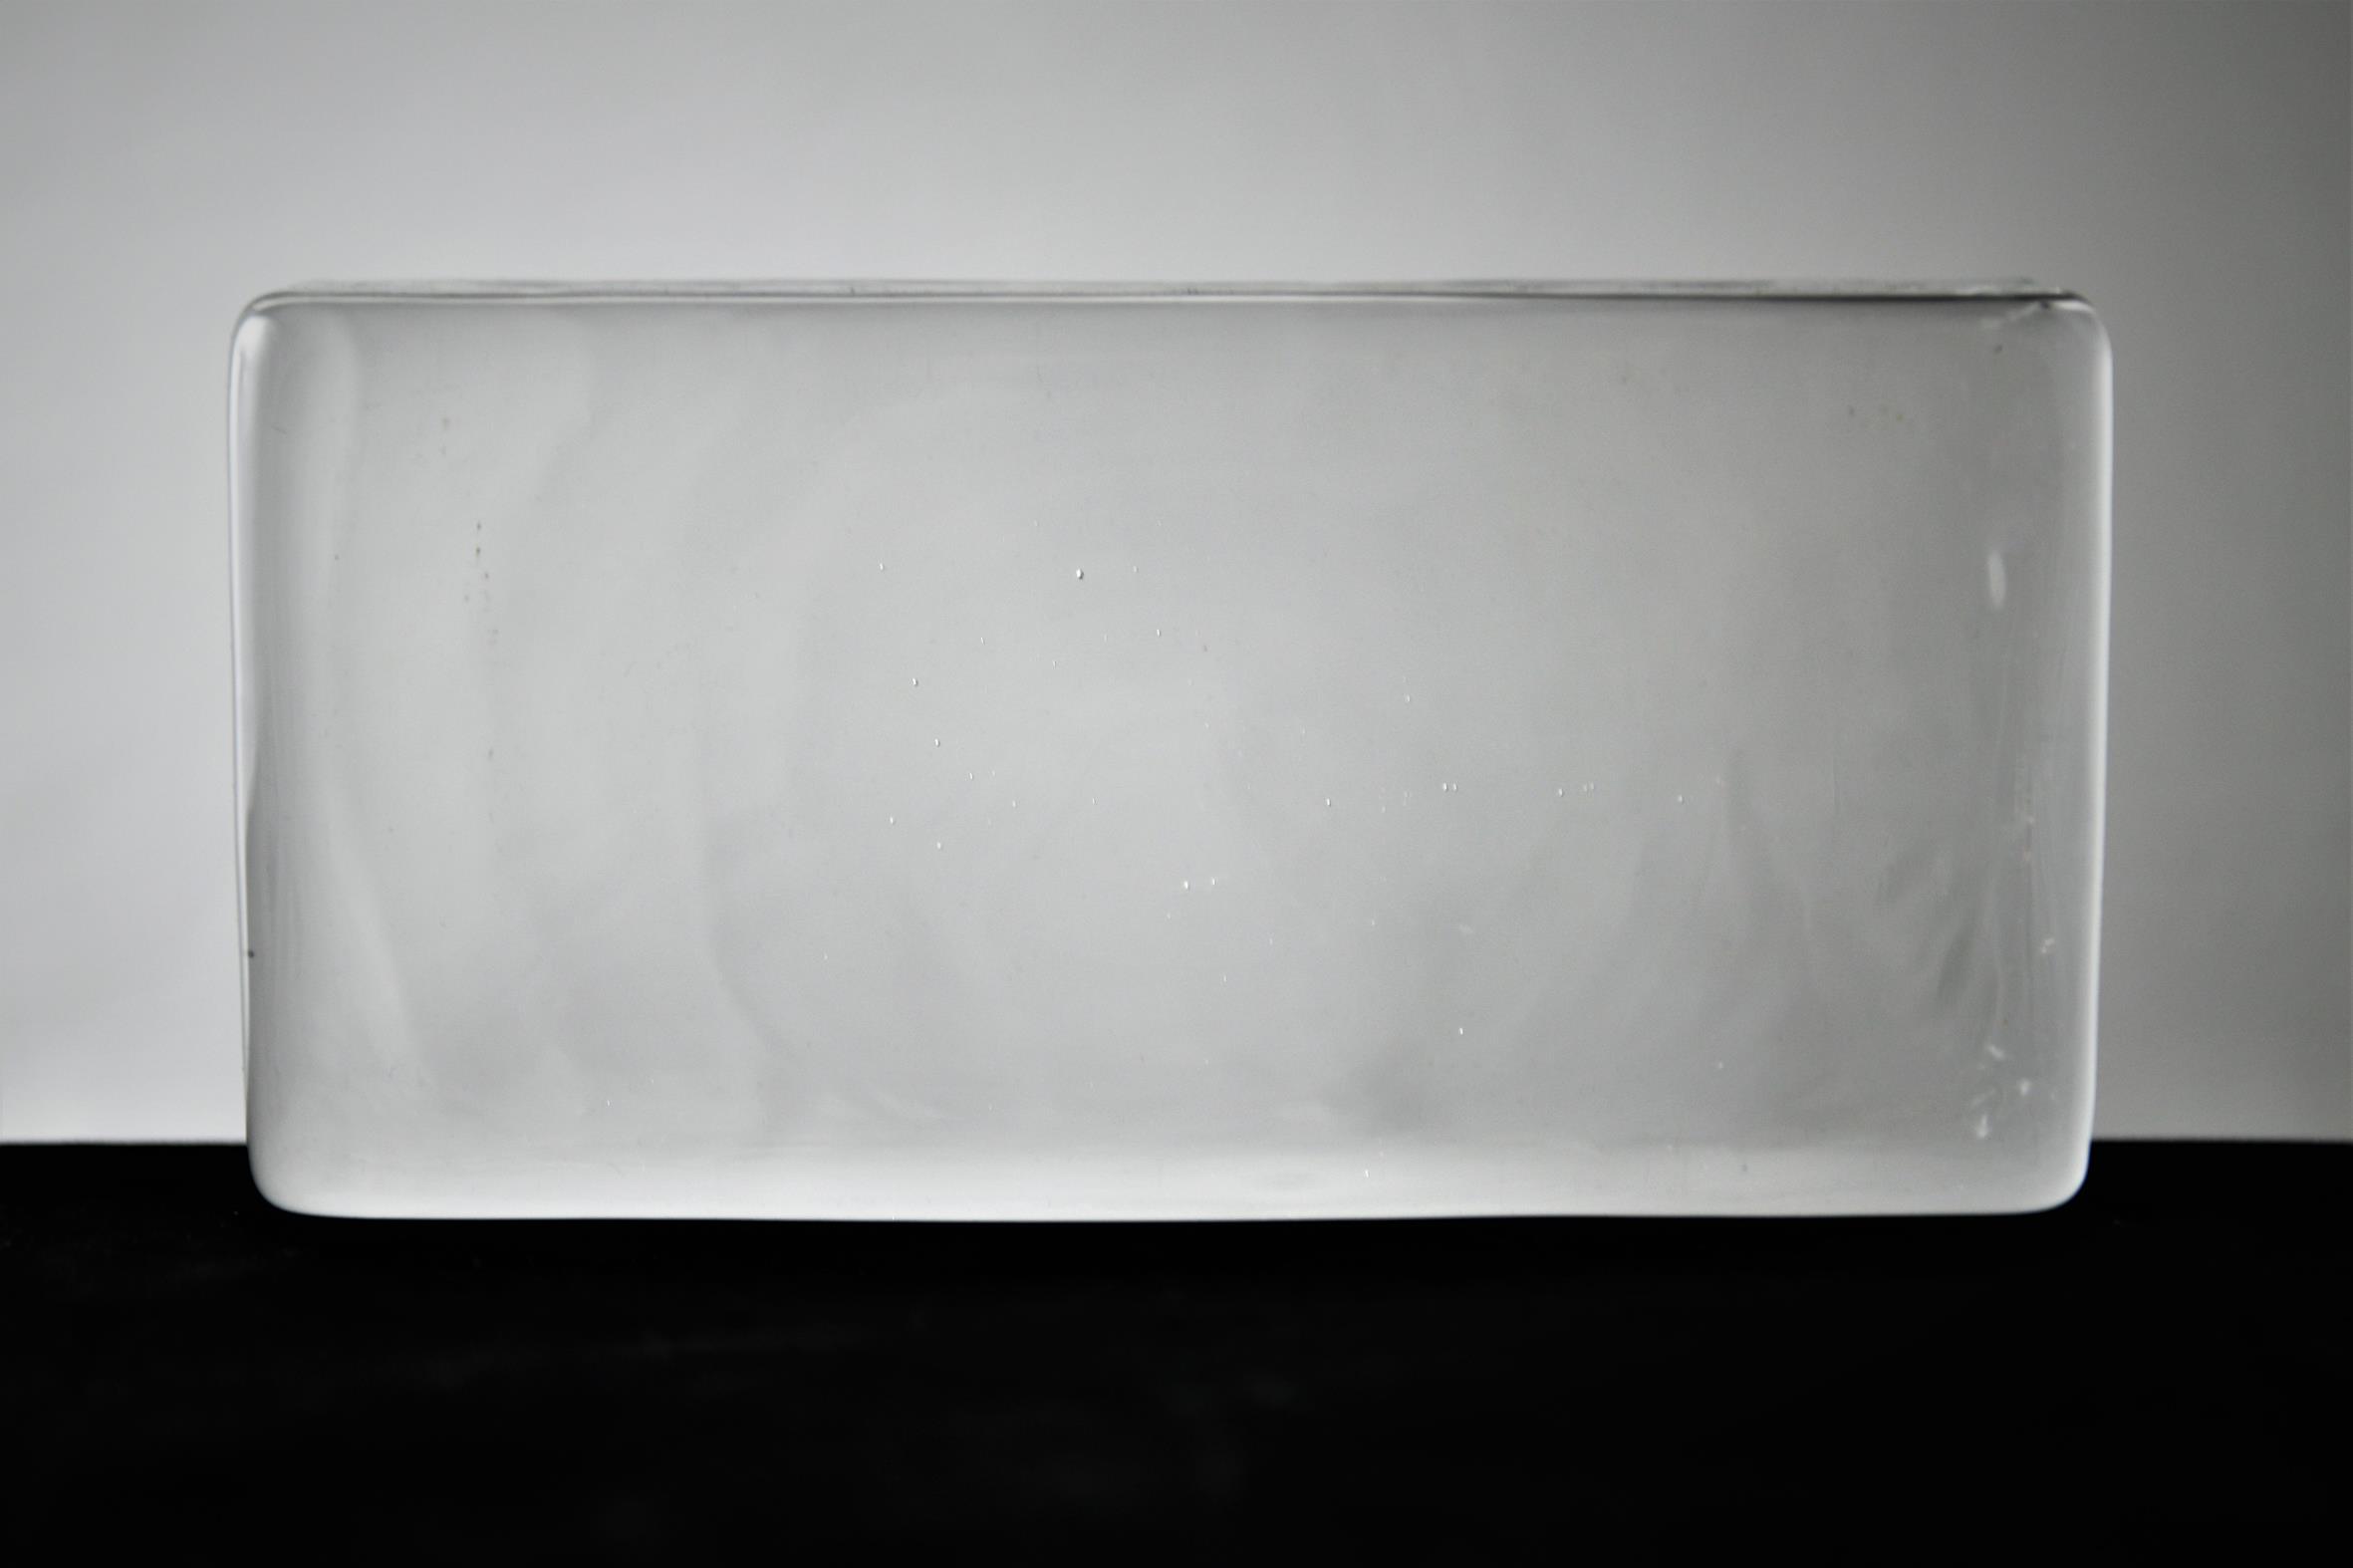 Cegły szklane luksfery pustaki szklane kula 07 02 2019 Fot Maciej Zaluski